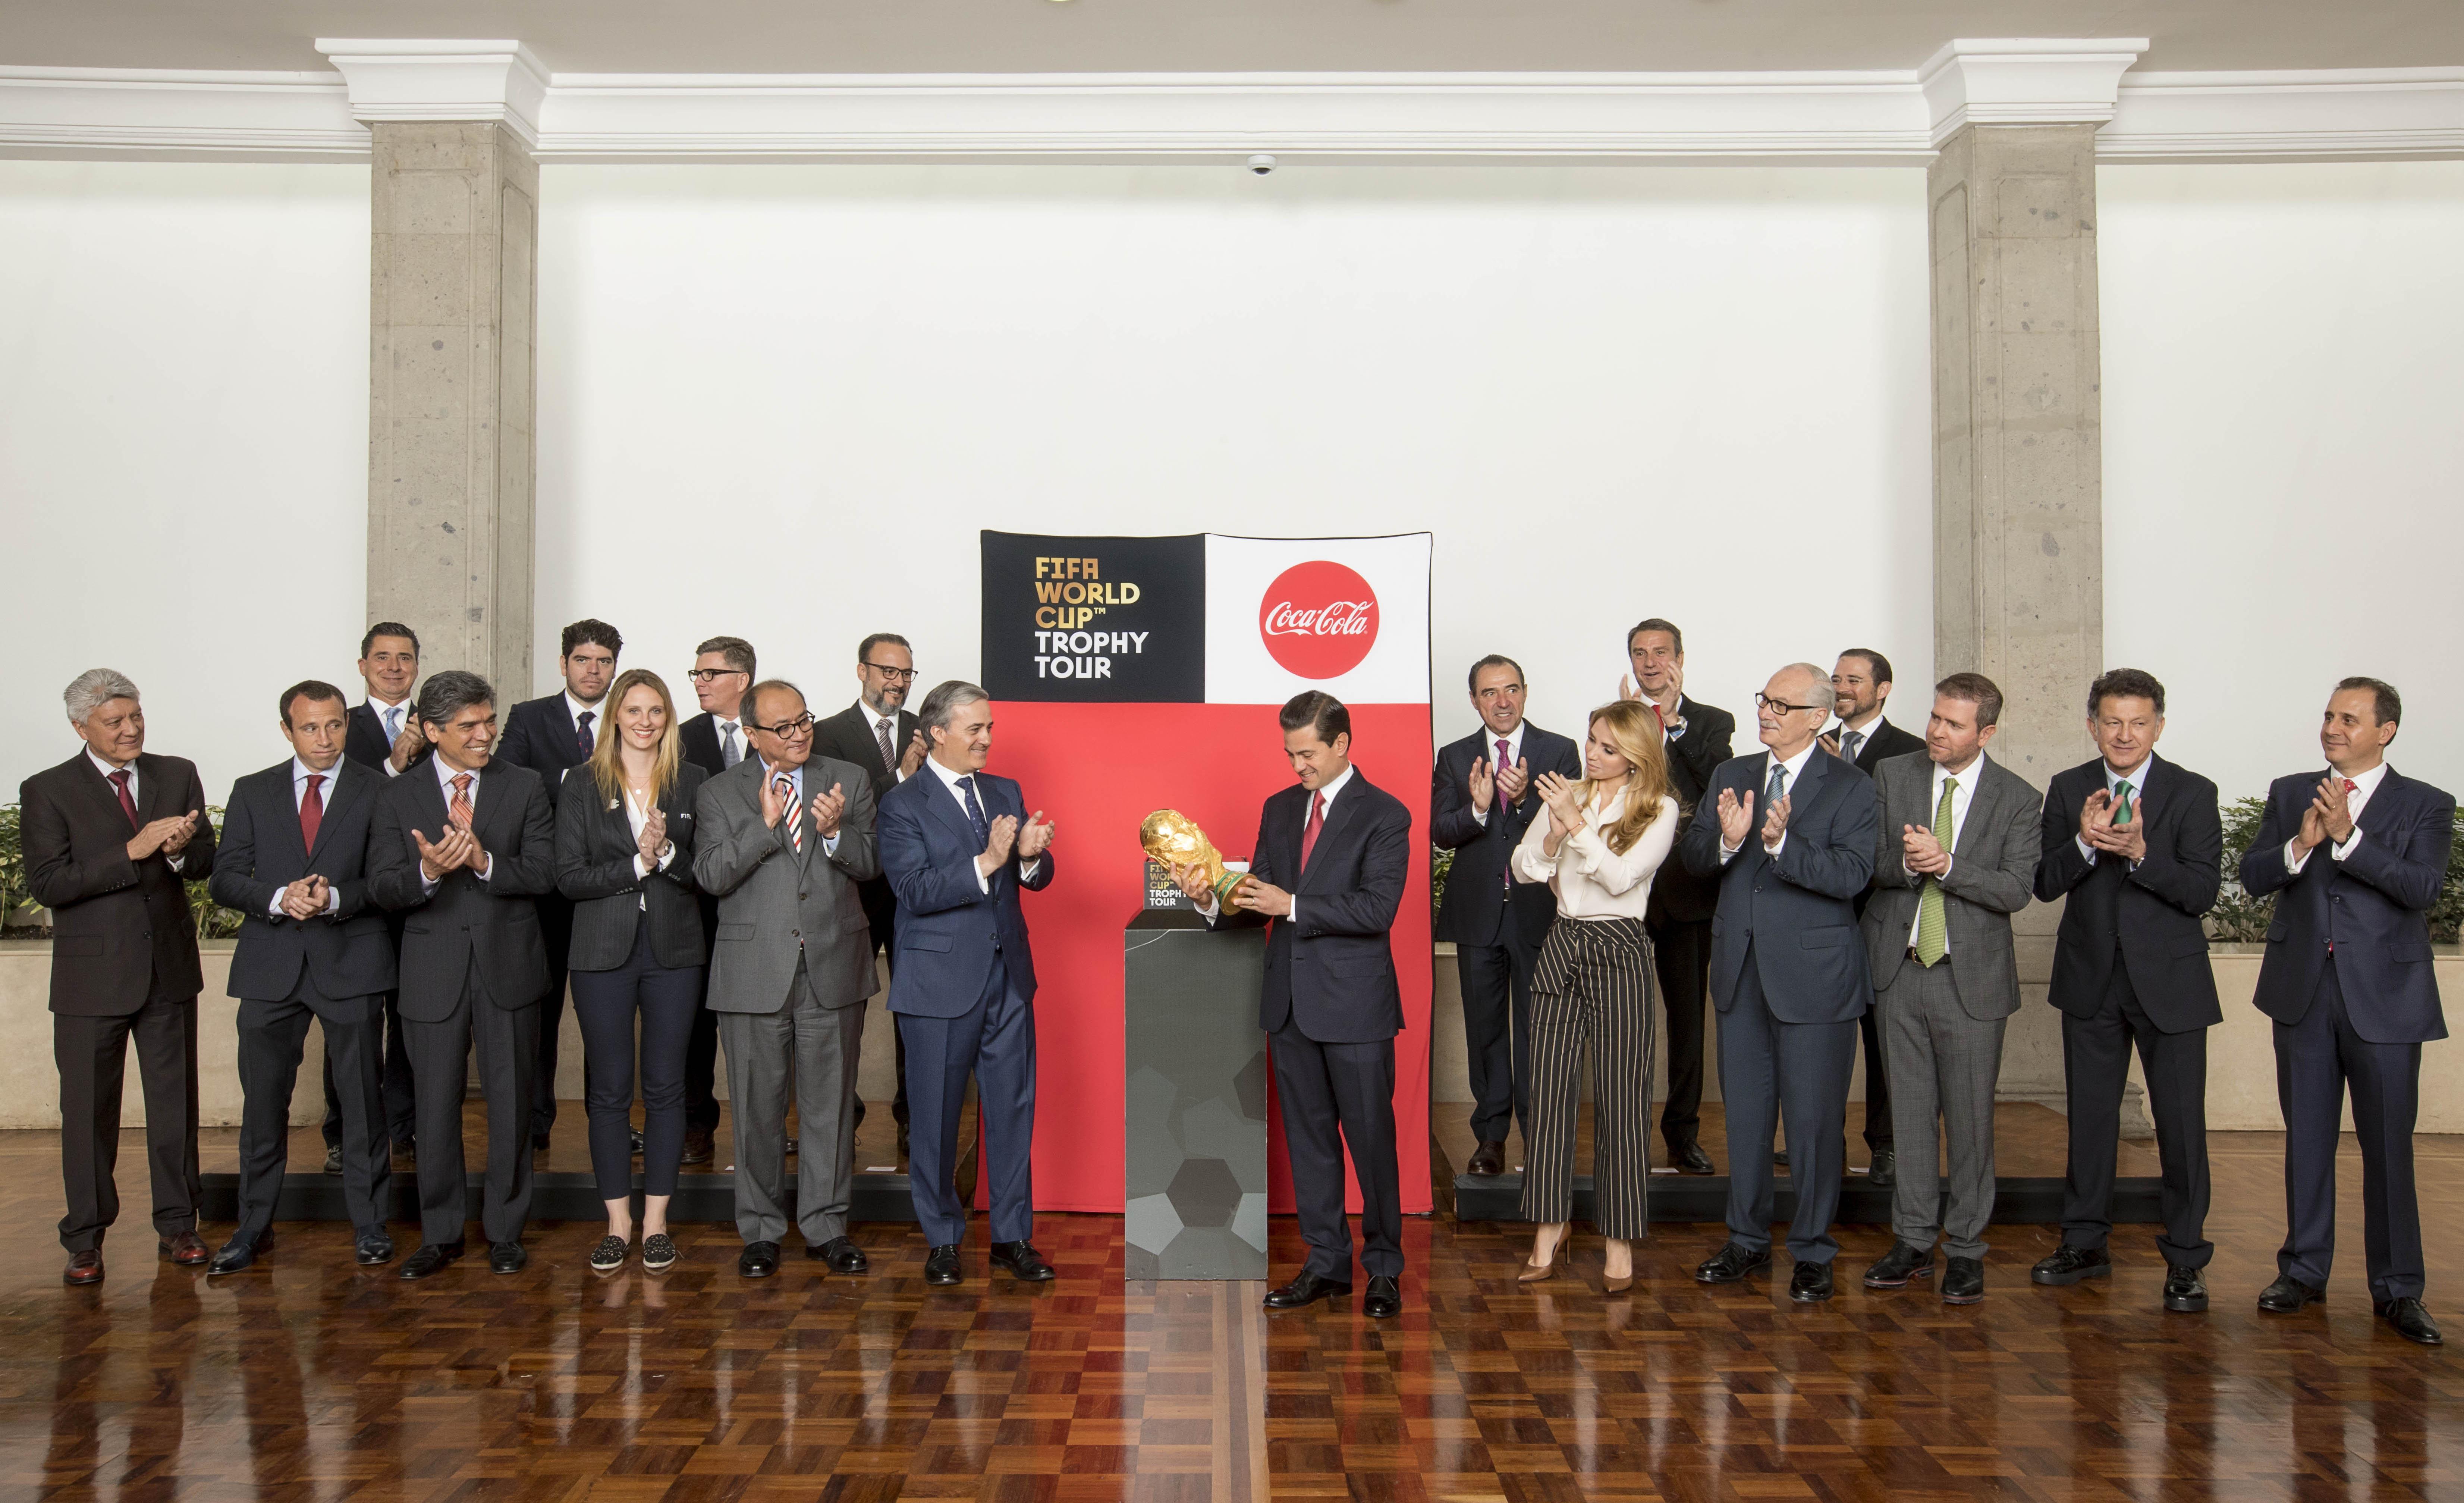 El Presidente de México, Enrique Peña Nieto, recibe trofeo original de Copa del Mundo